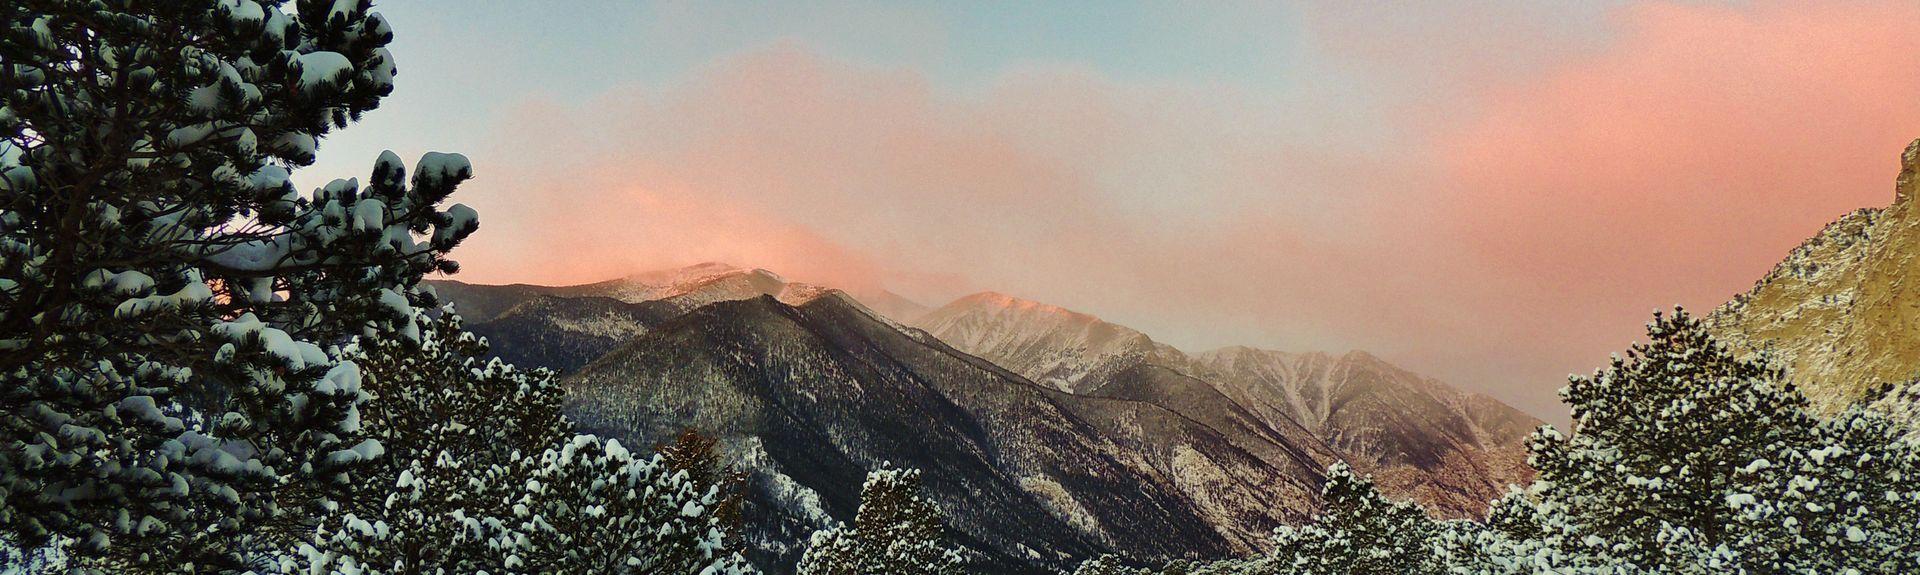 Bosque nacional de San Isabel, Colorado, Estados Unidos